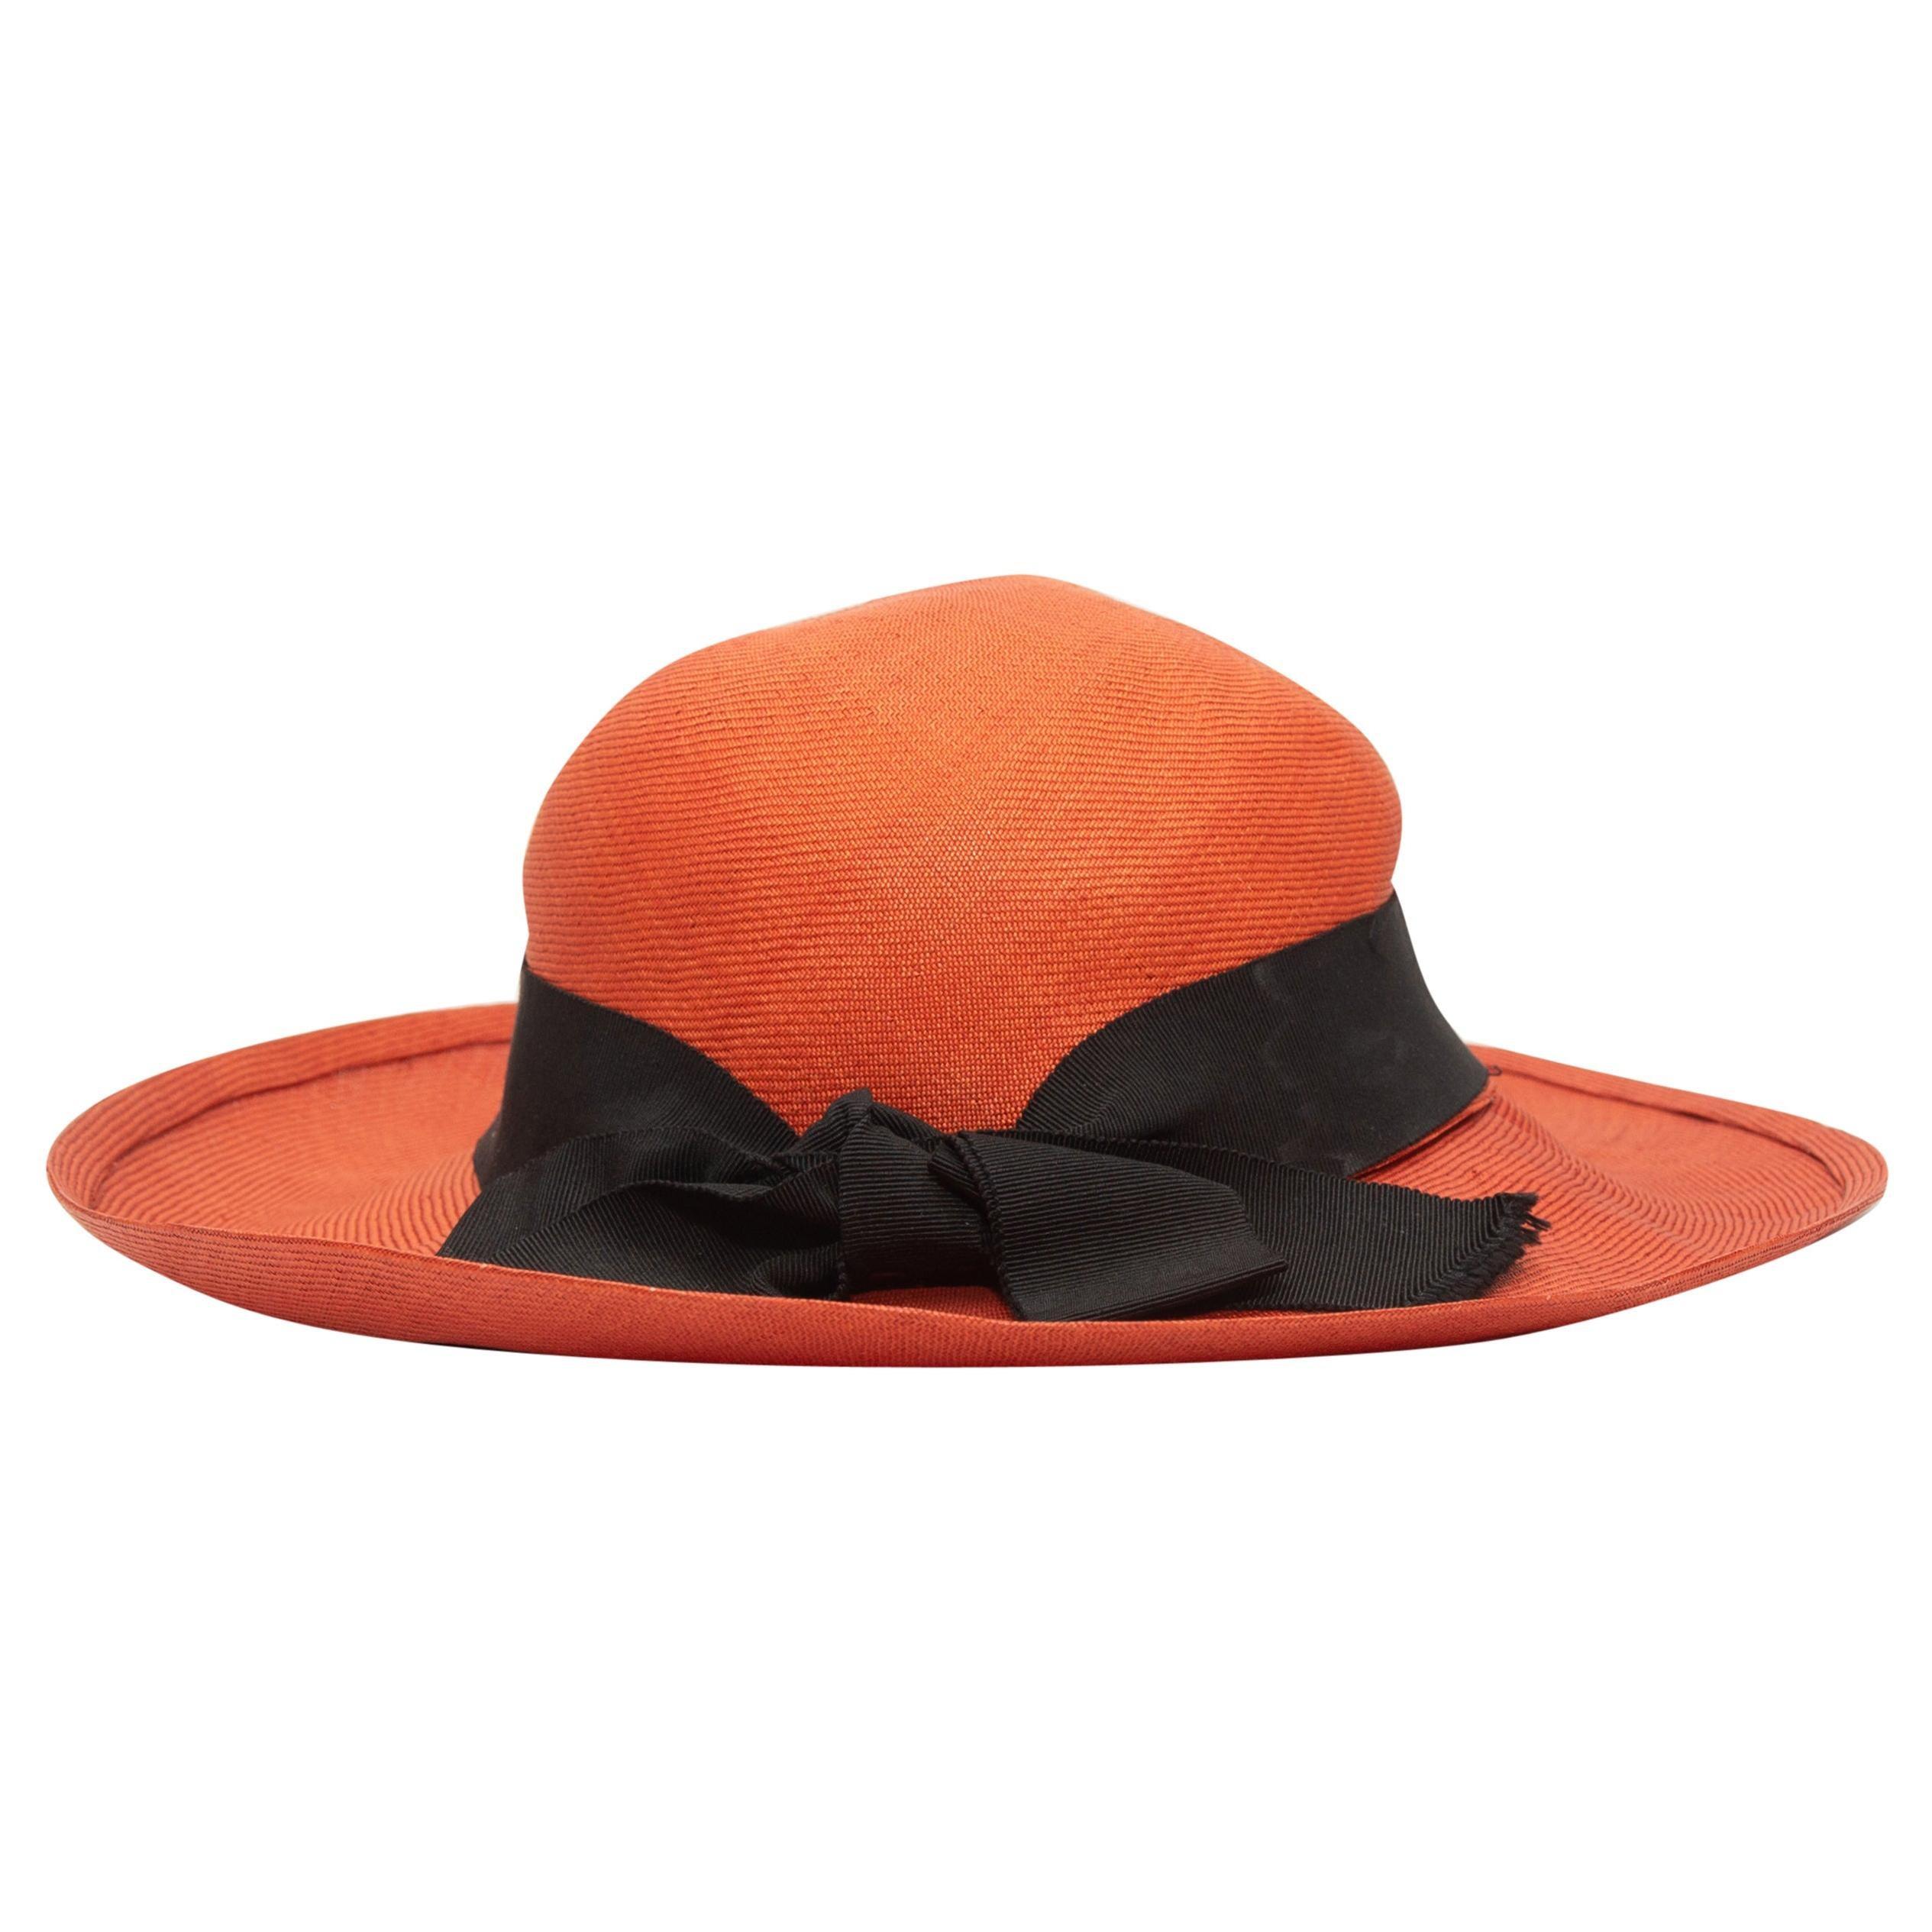 Chanel Coral Wide Brim Straw Hat